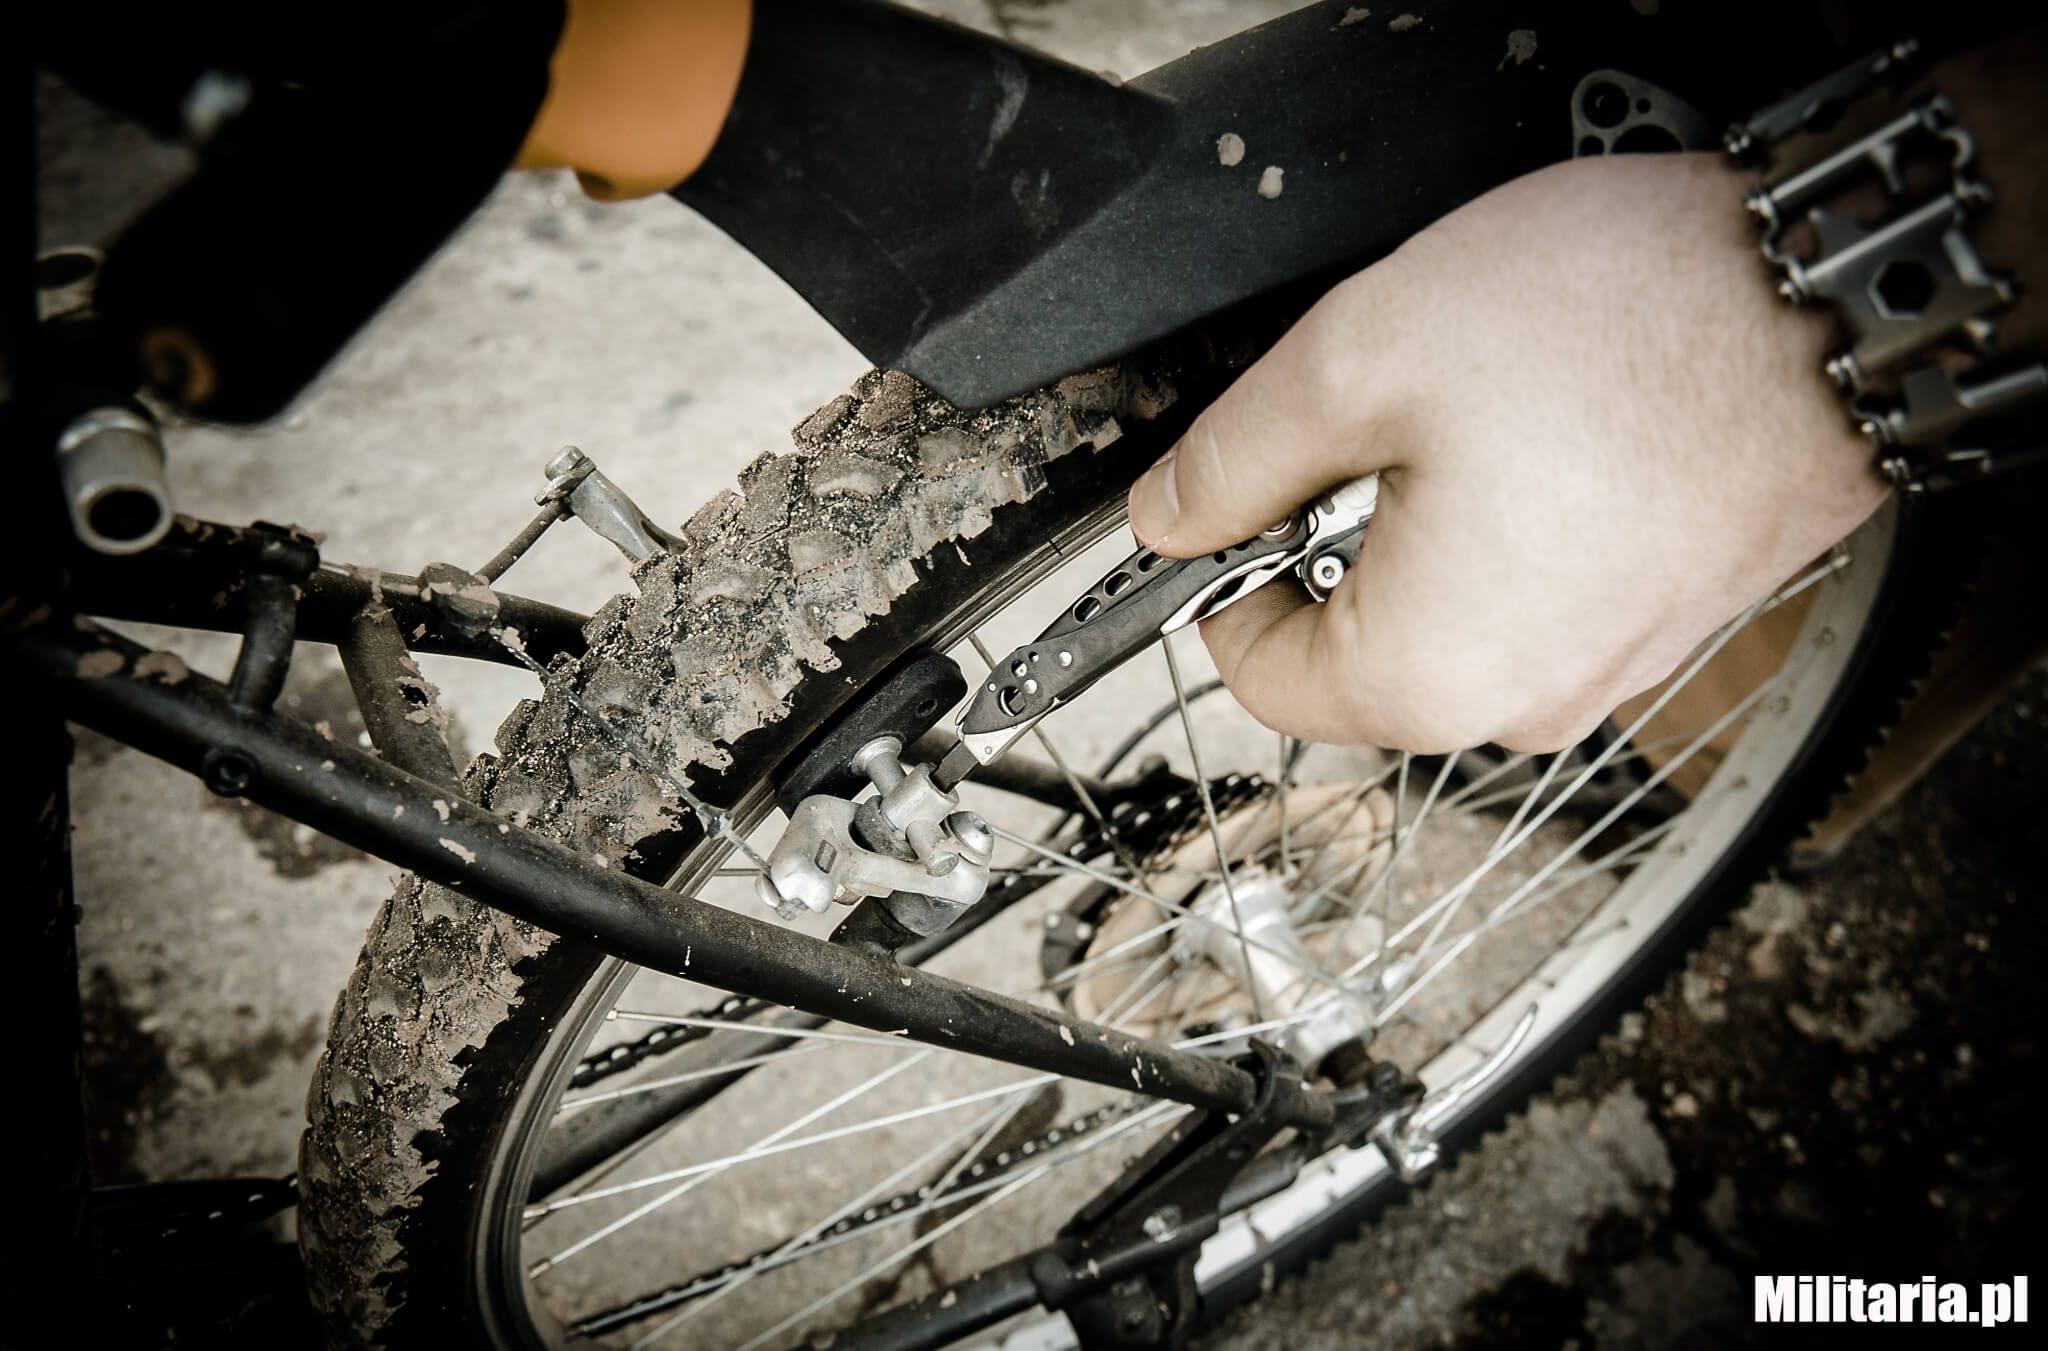 Jak przygotować rower przed sezonem?